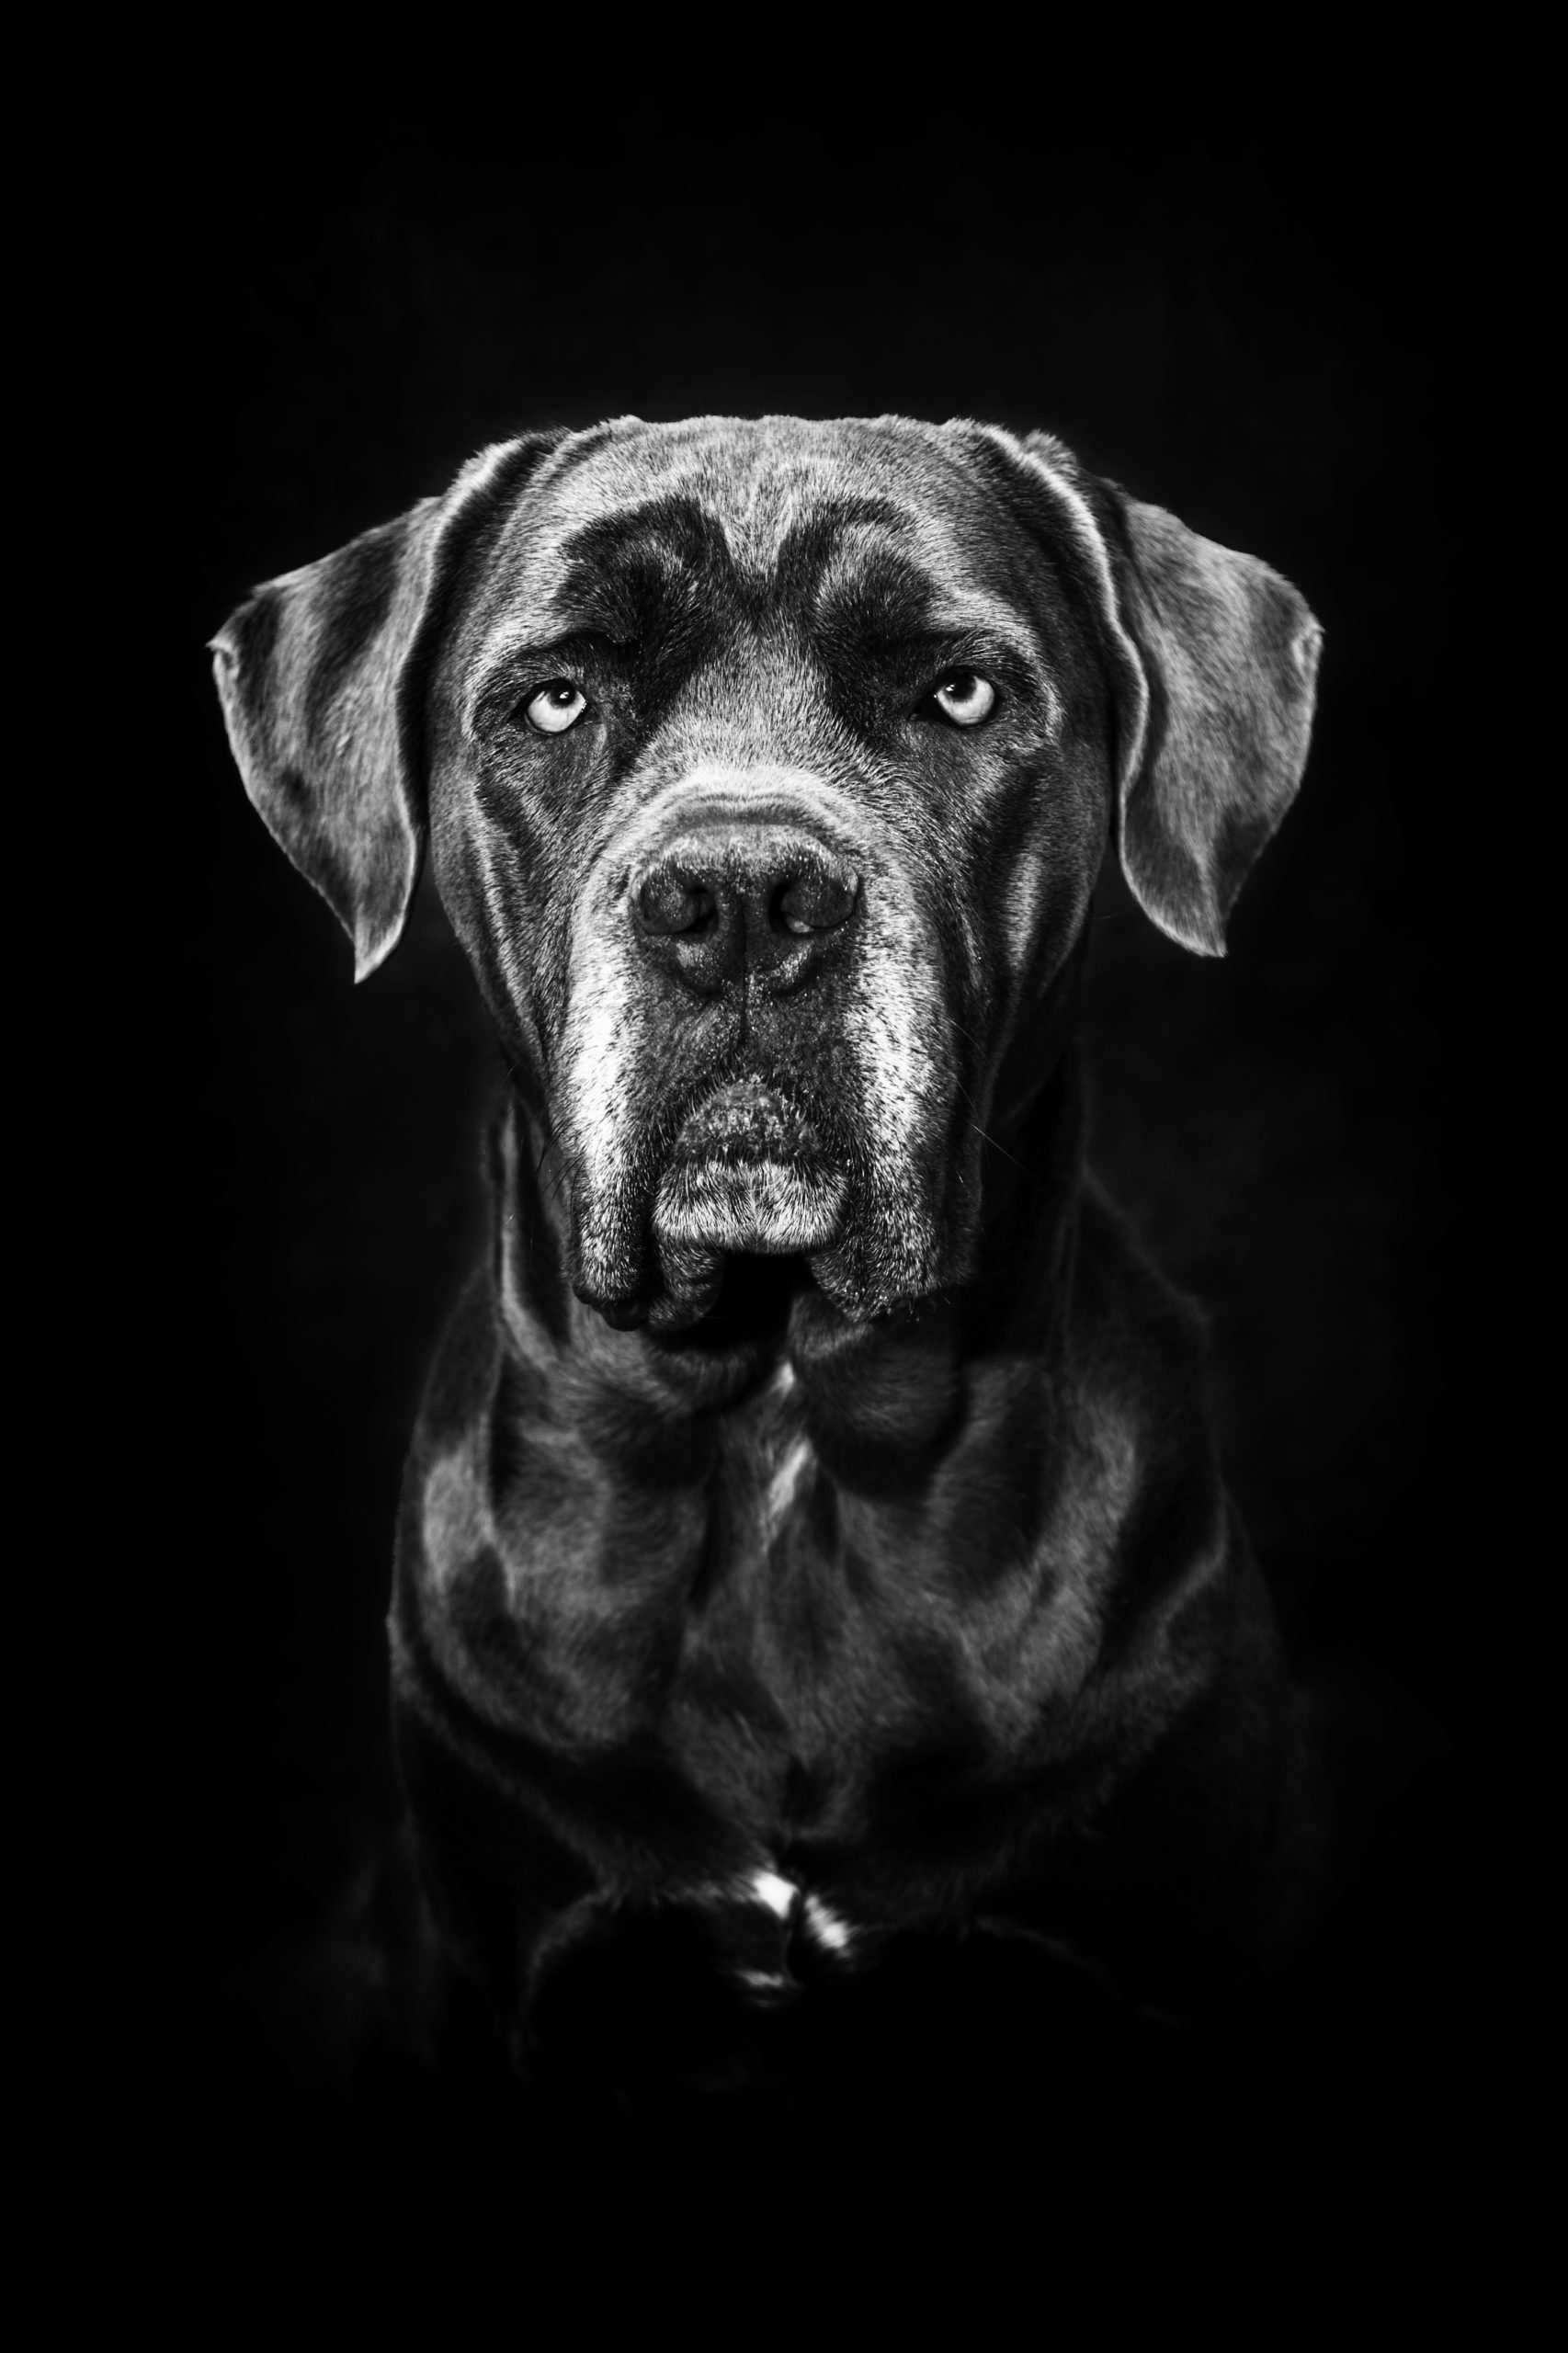 Photographe animal de compagnie, chien, portrait noir et blanc